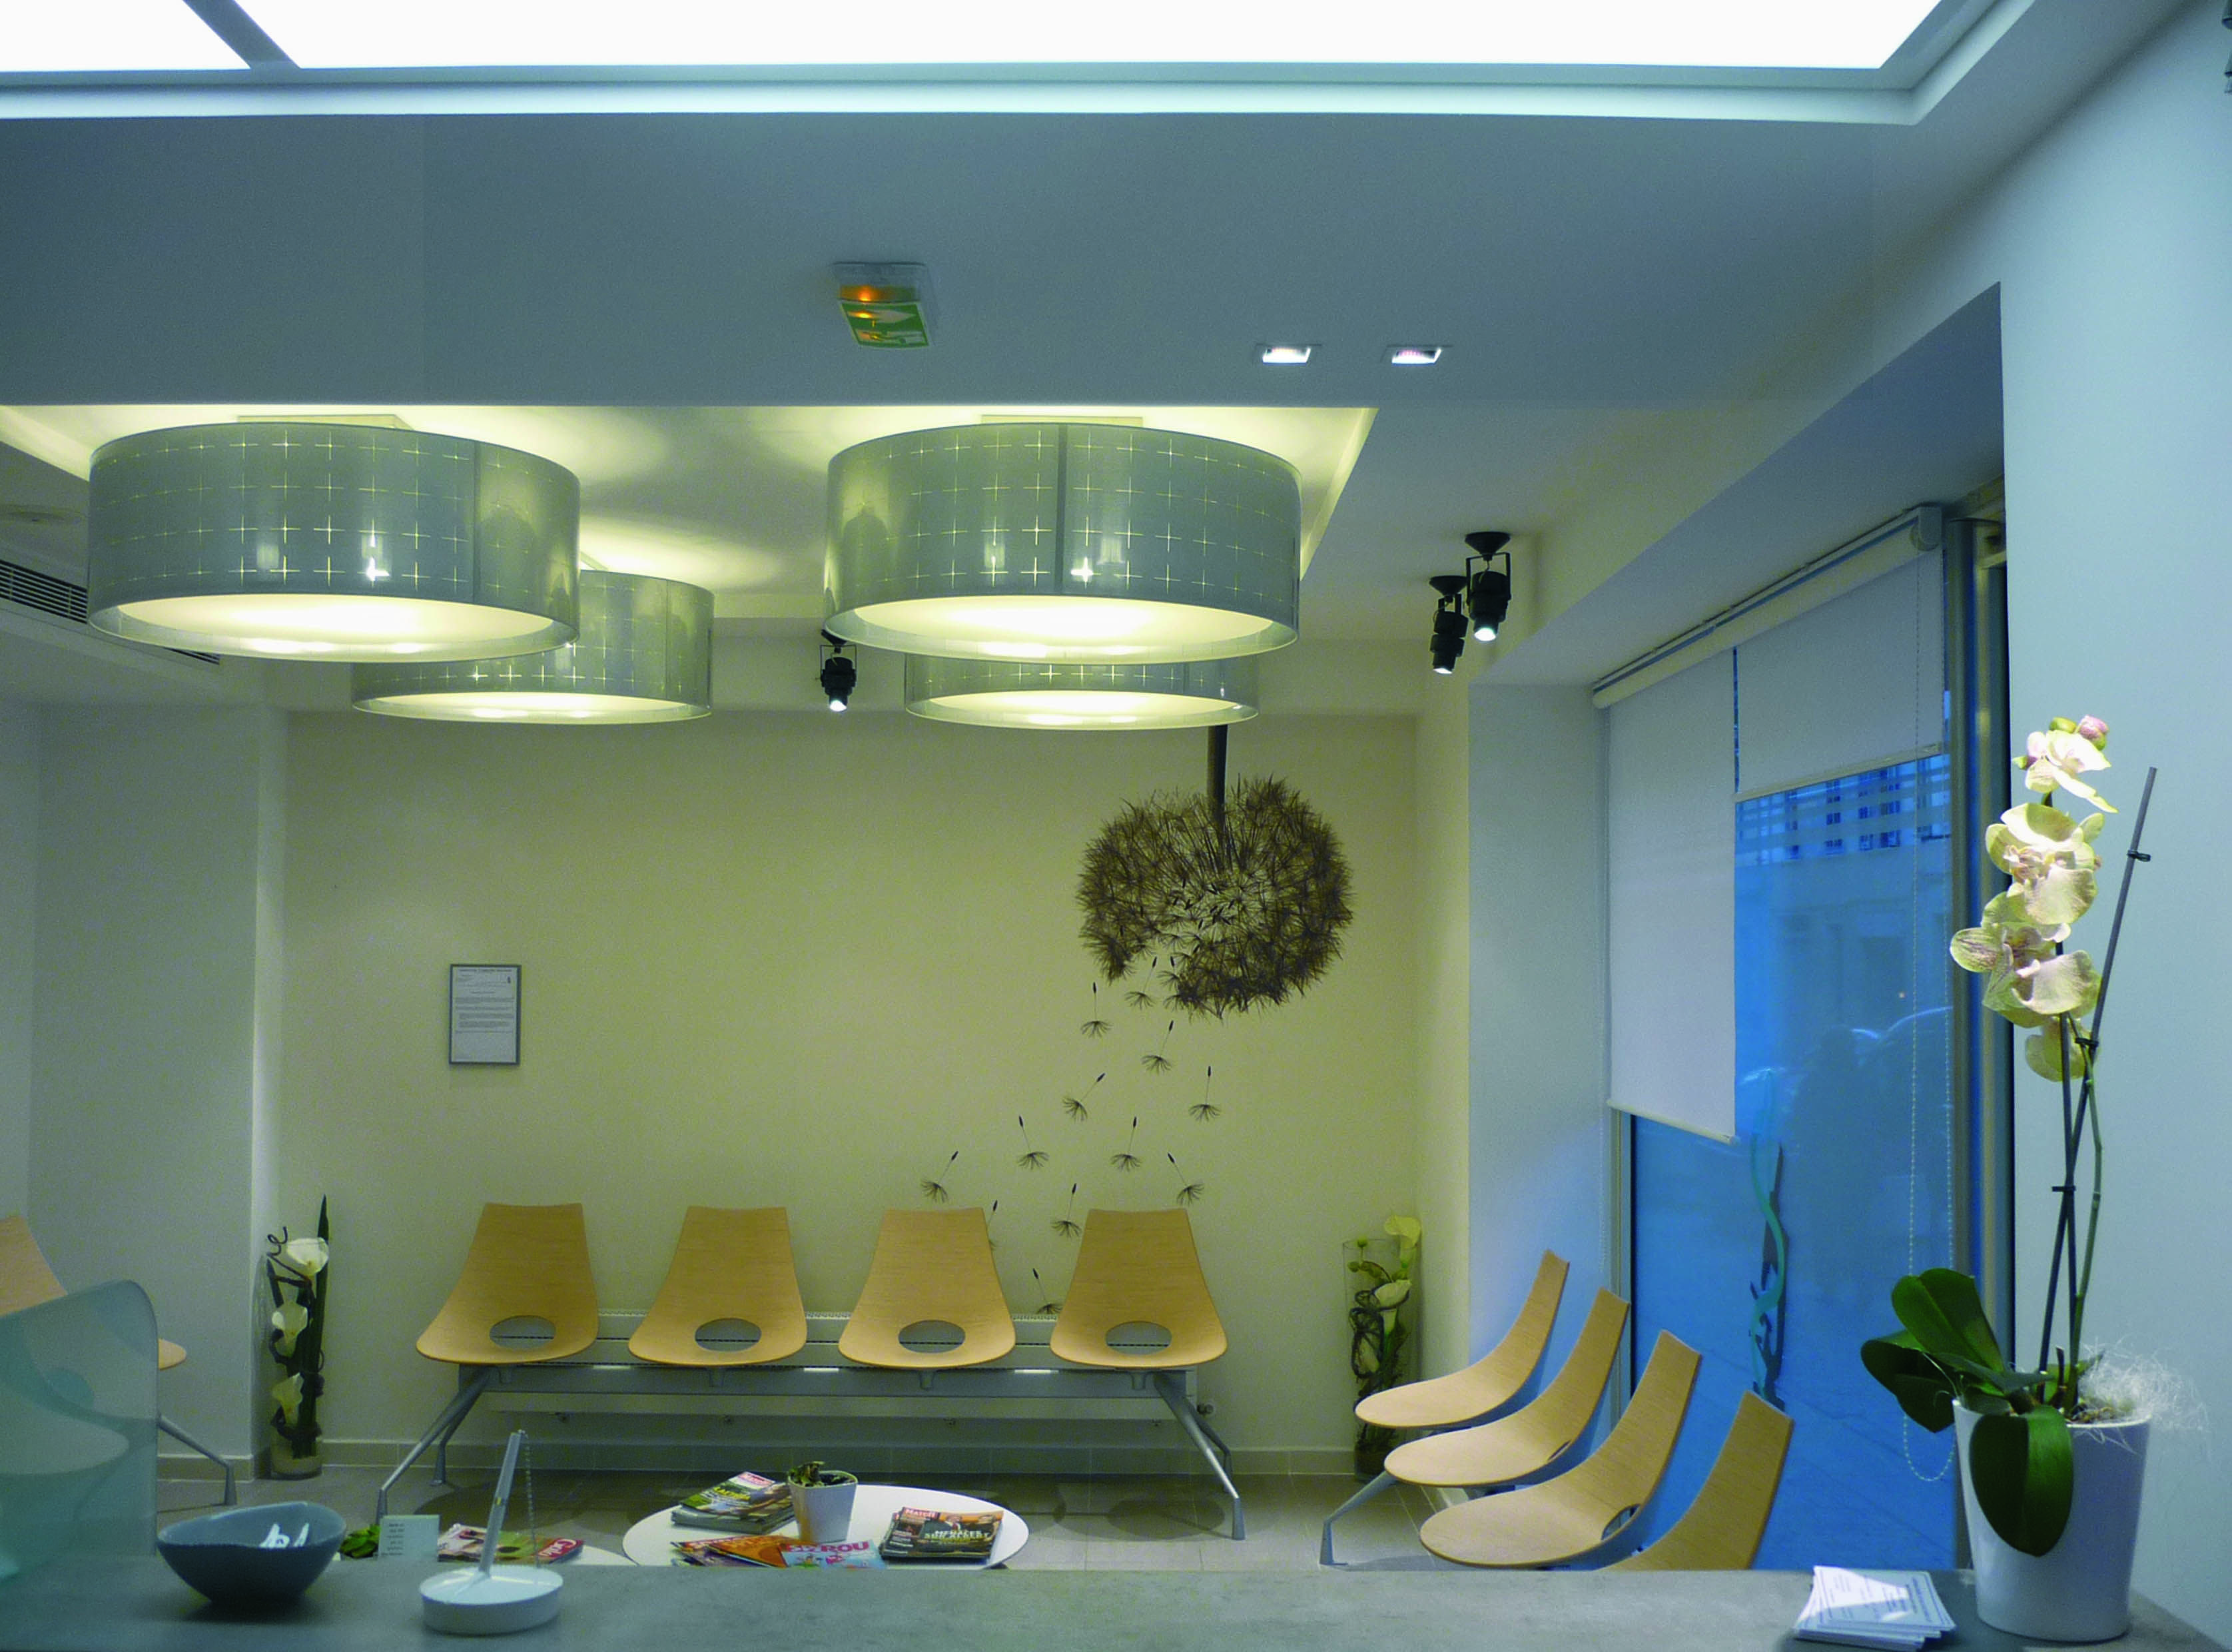 Salle d attente laboratoire d 39 analyses m dicales accueil et salle d 39 attente pinterest - Cabinet analyse medicale ...